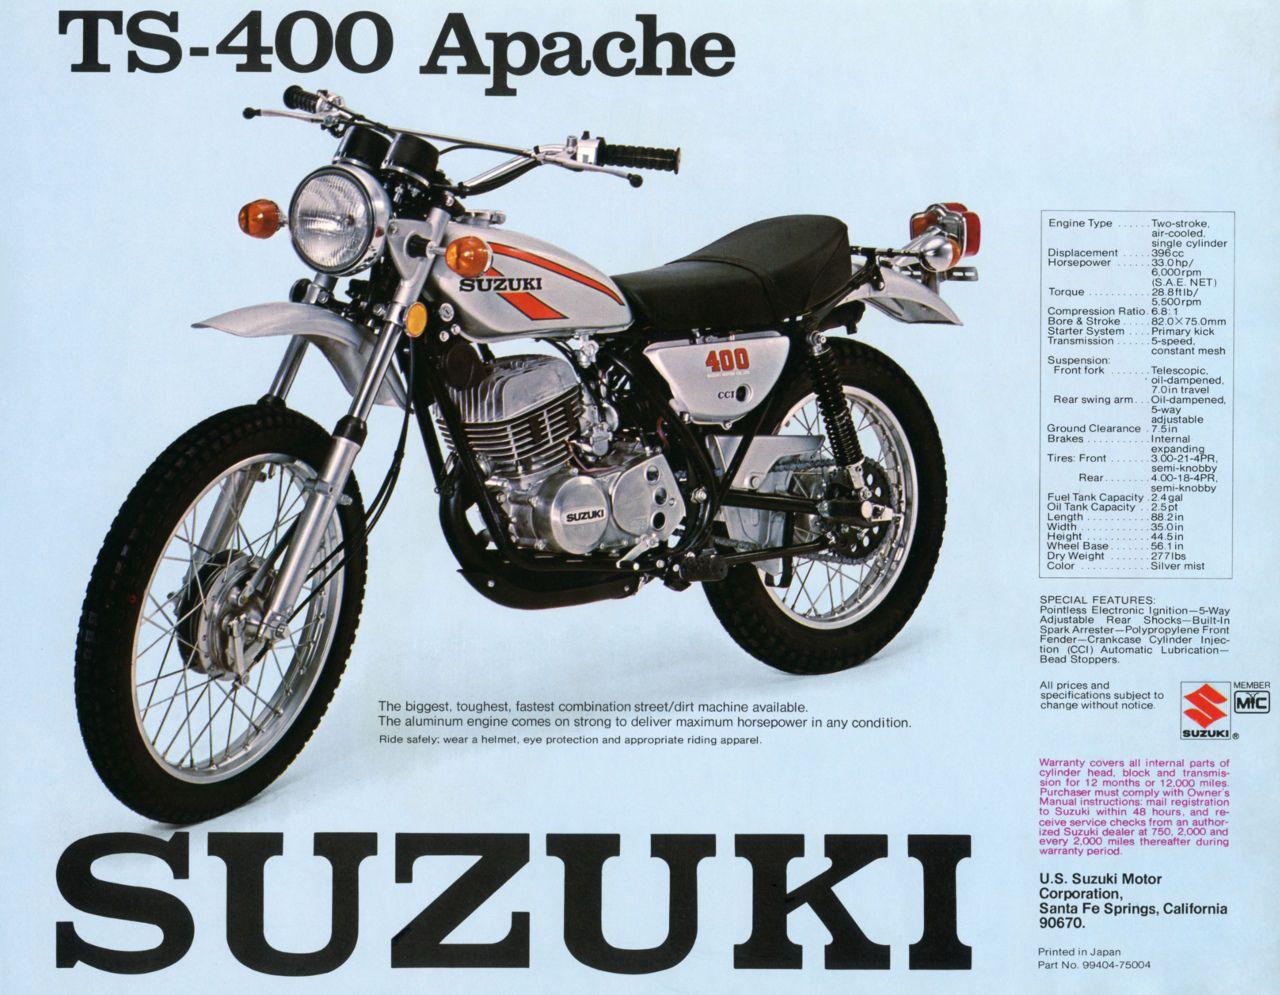 1975 Suzuki Ts400 Vintage Motorcycle Poster Print 28x36 9 Mil Paper Vintage Motorcycle Posters Motorcycle Posters Suzuki Bikes